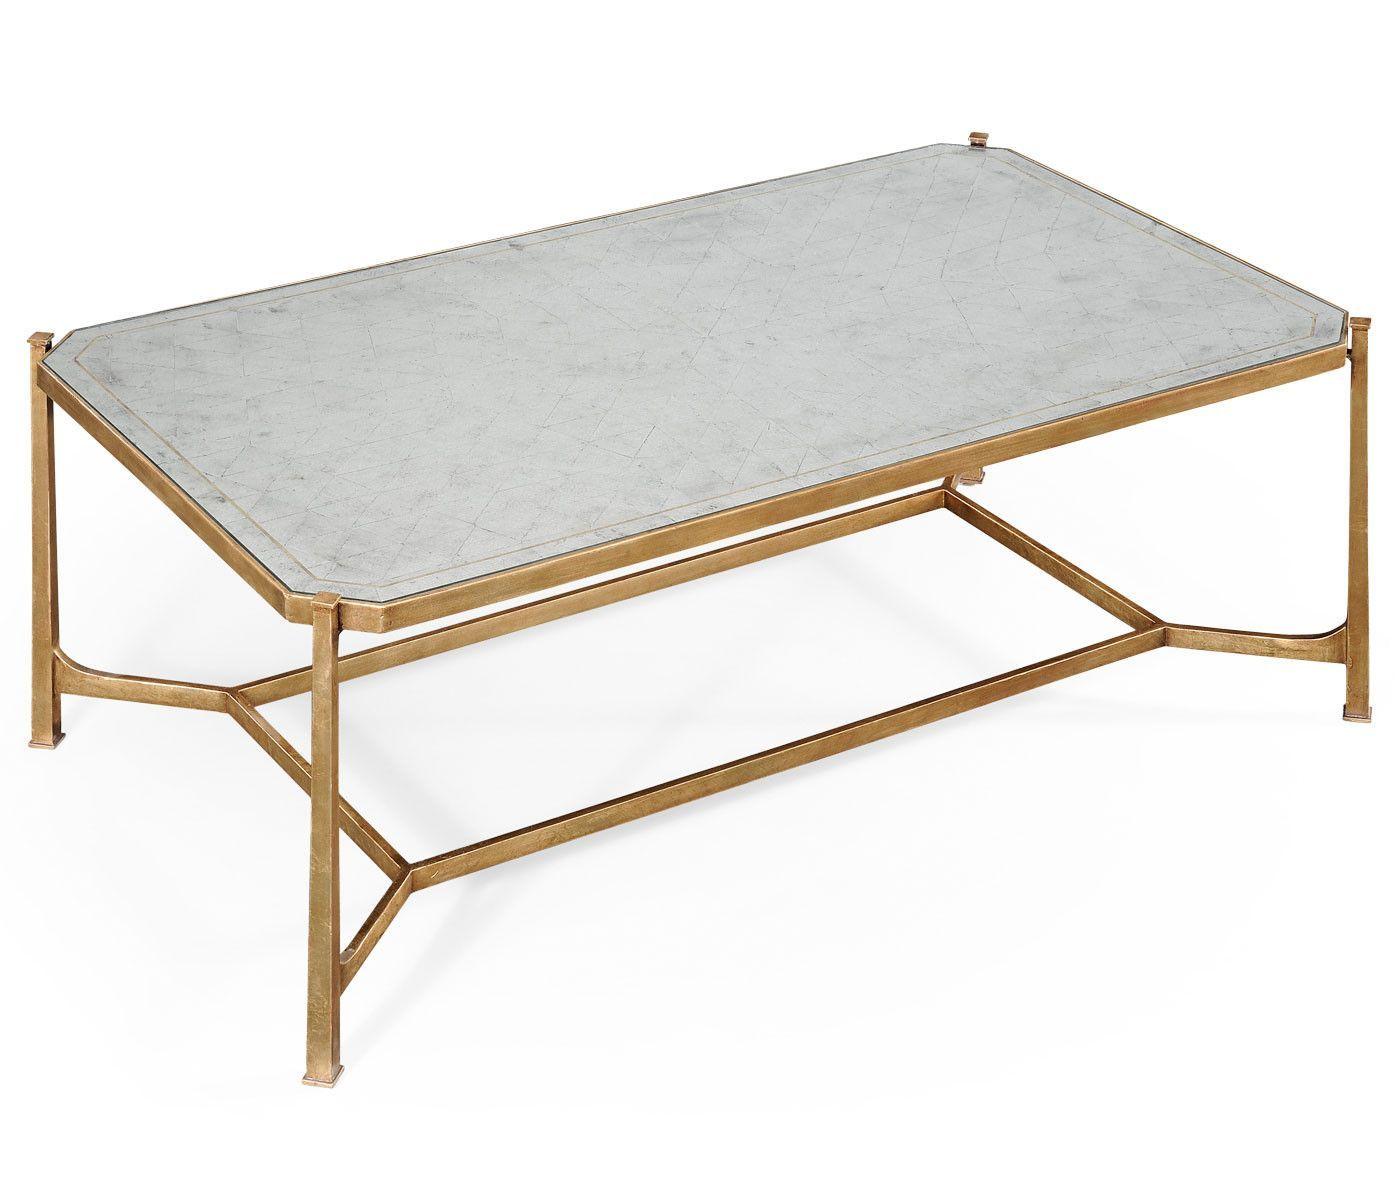 Jonathan Charles Coffee Table 494144 G